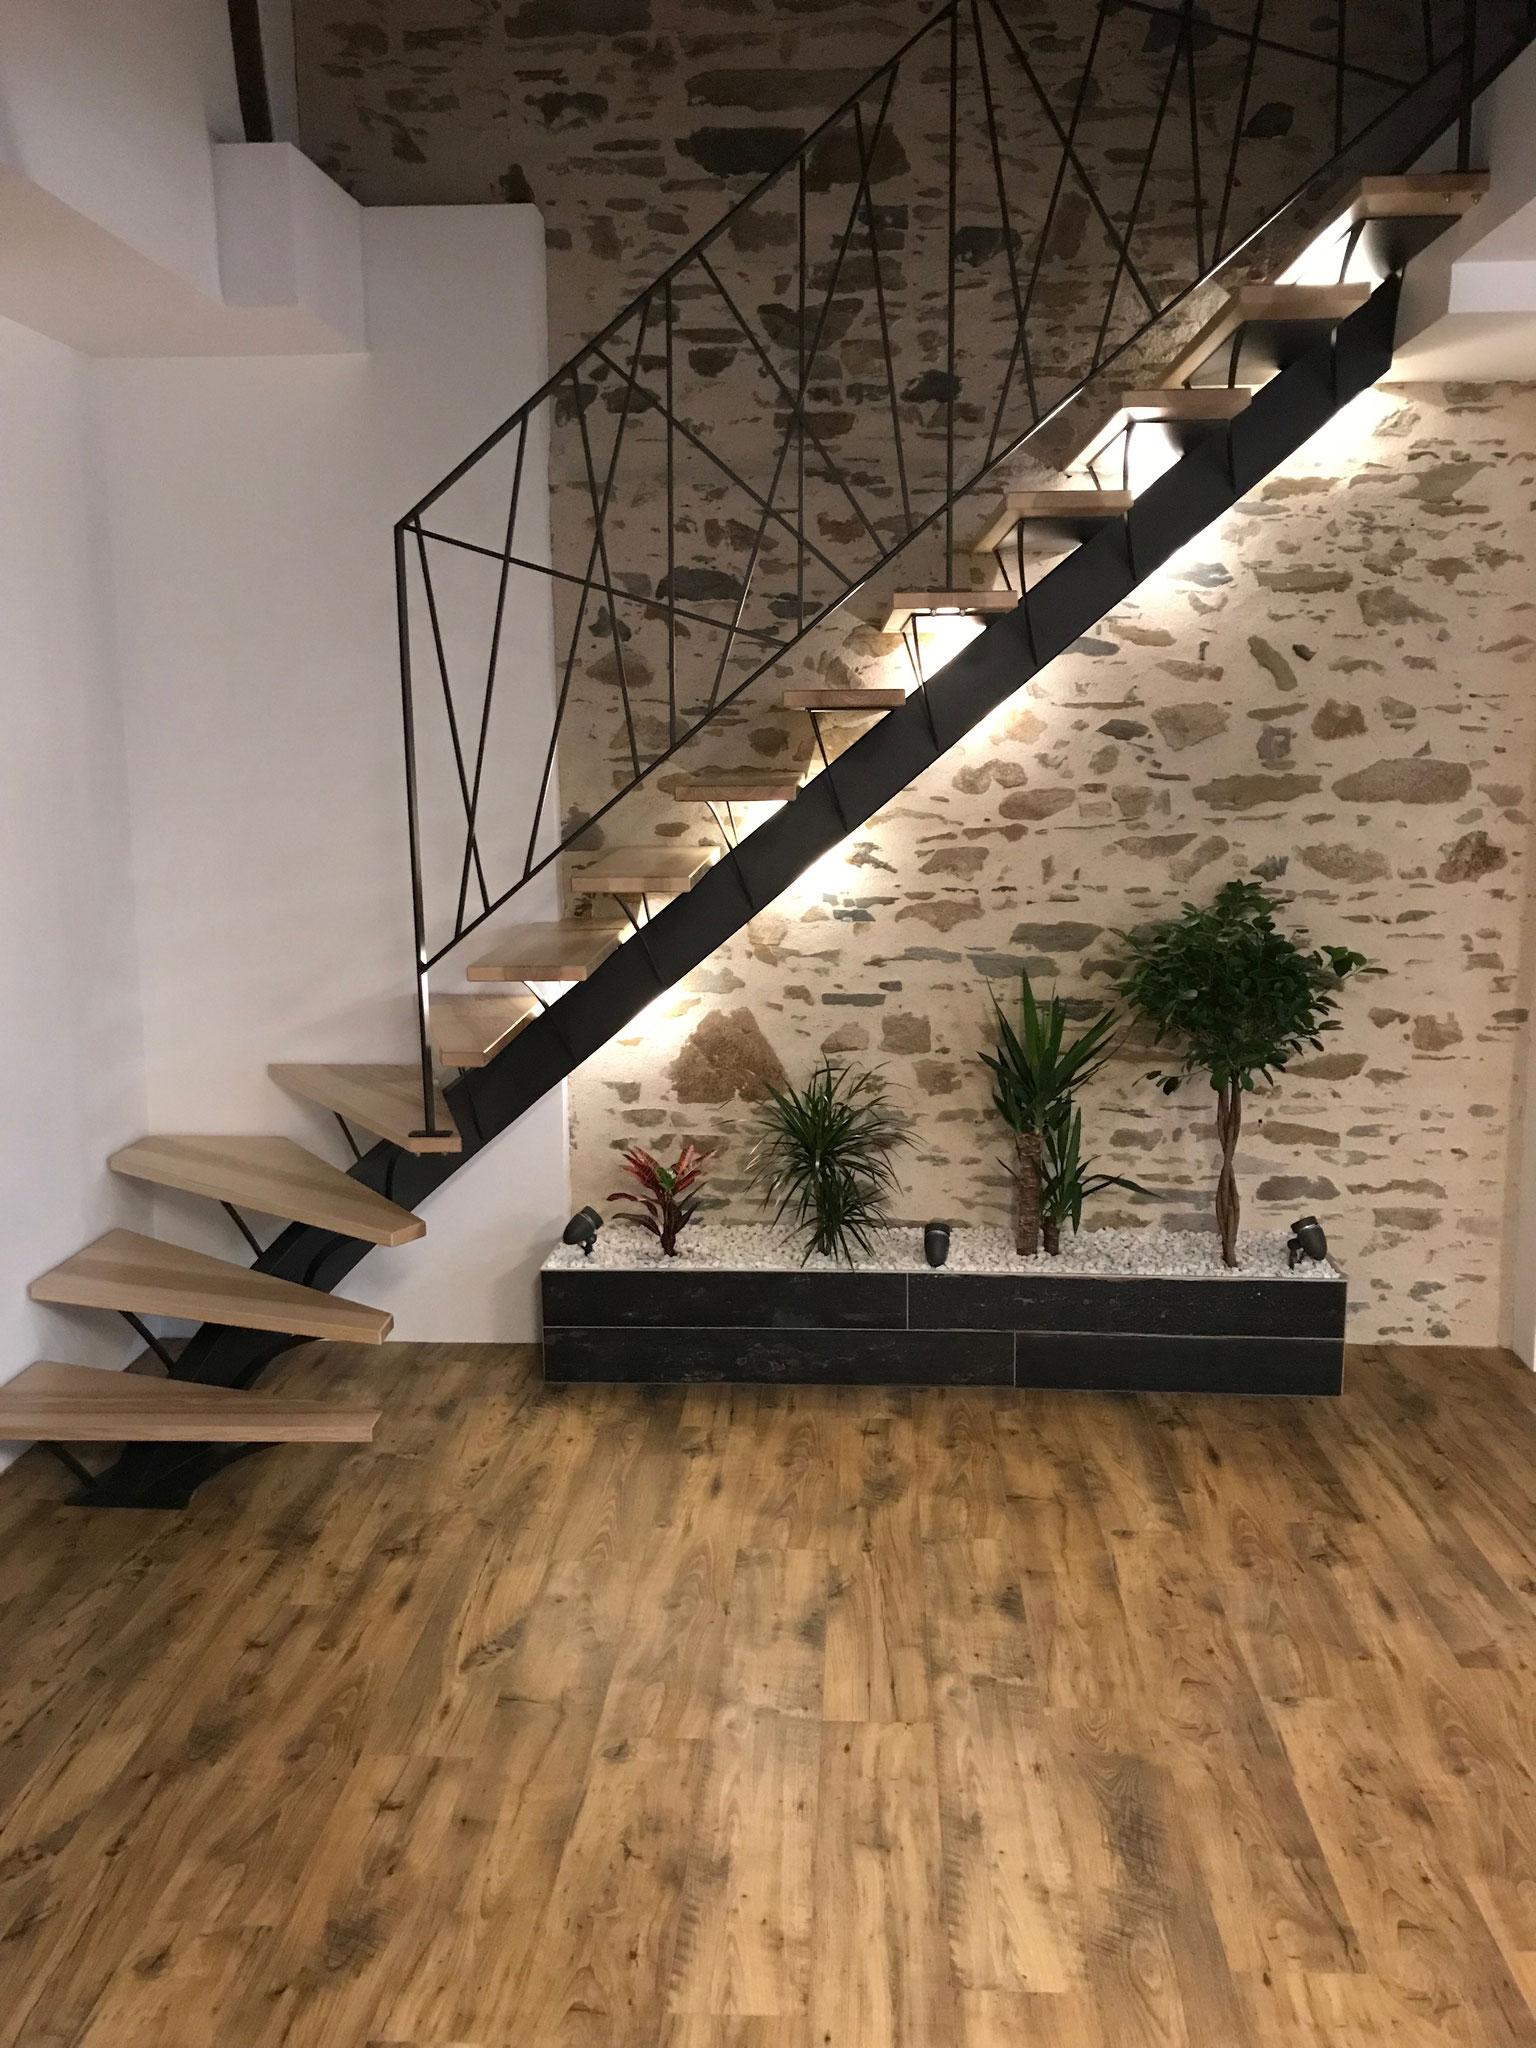 Escalier Bois Metal Noir les escaliers - esprit de steel - métallier d'art